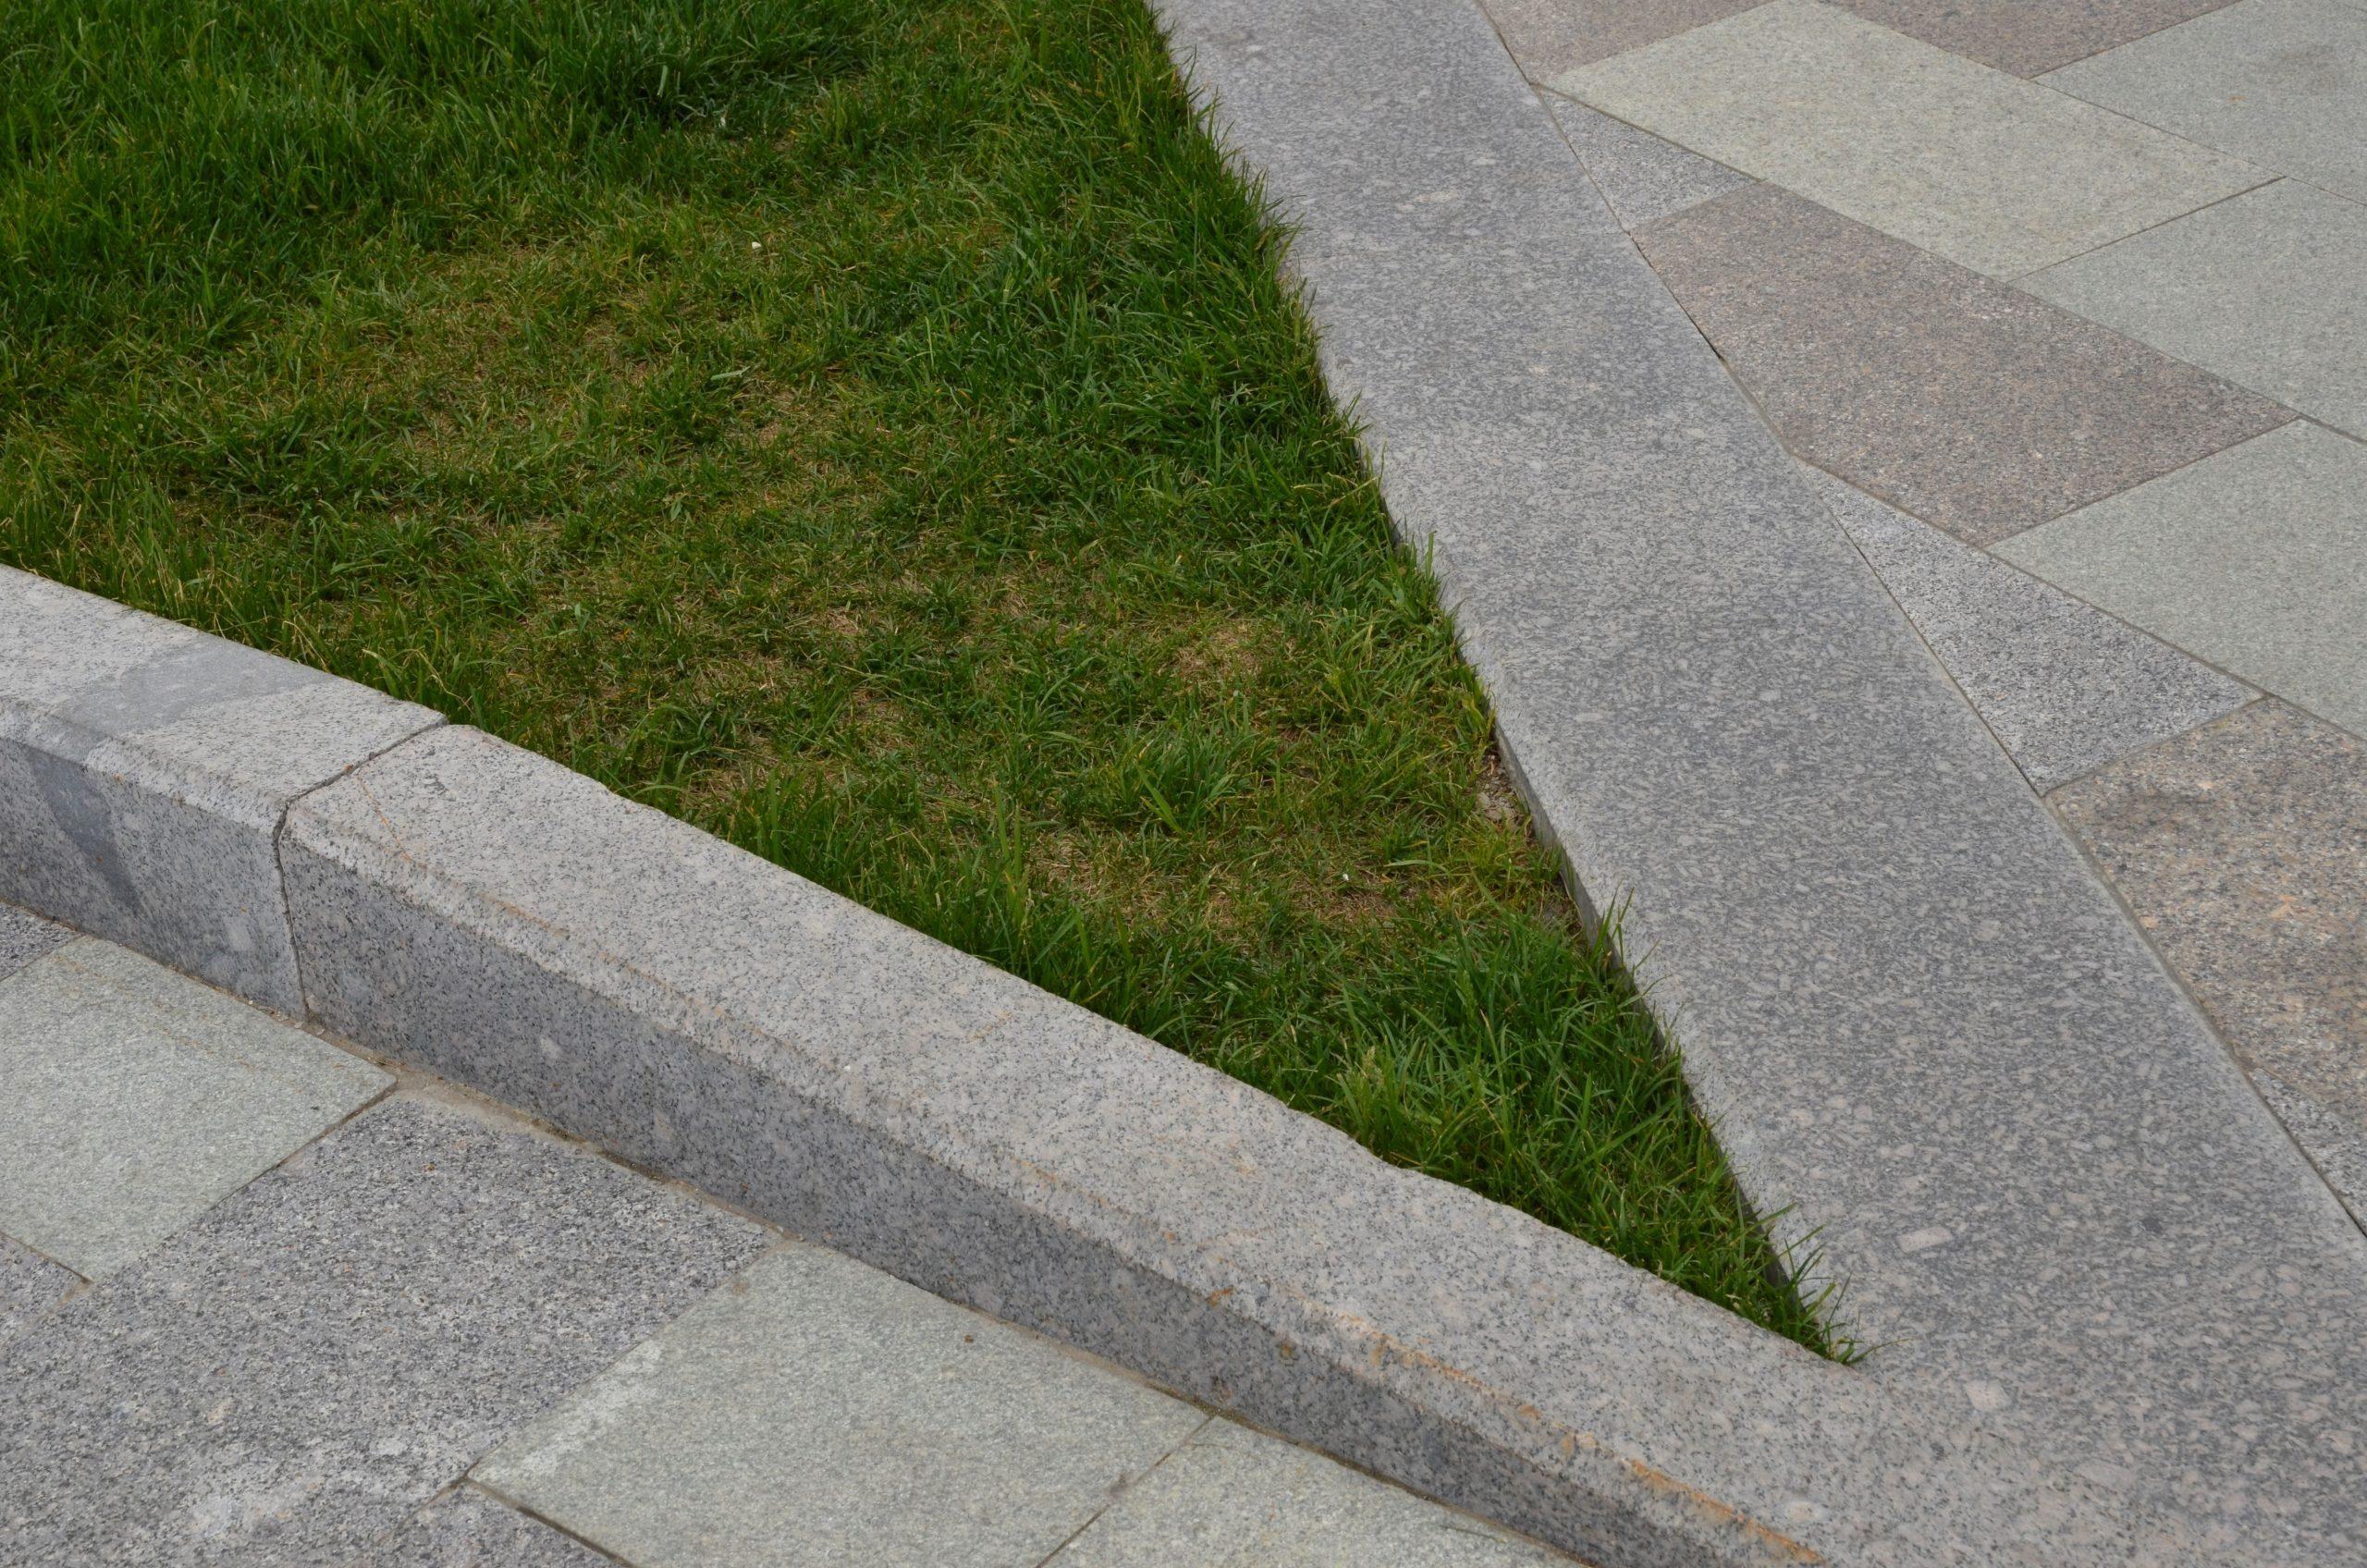 Работы по благоустройству пешеходной зоны и посевного газона завершают в Кокошкино